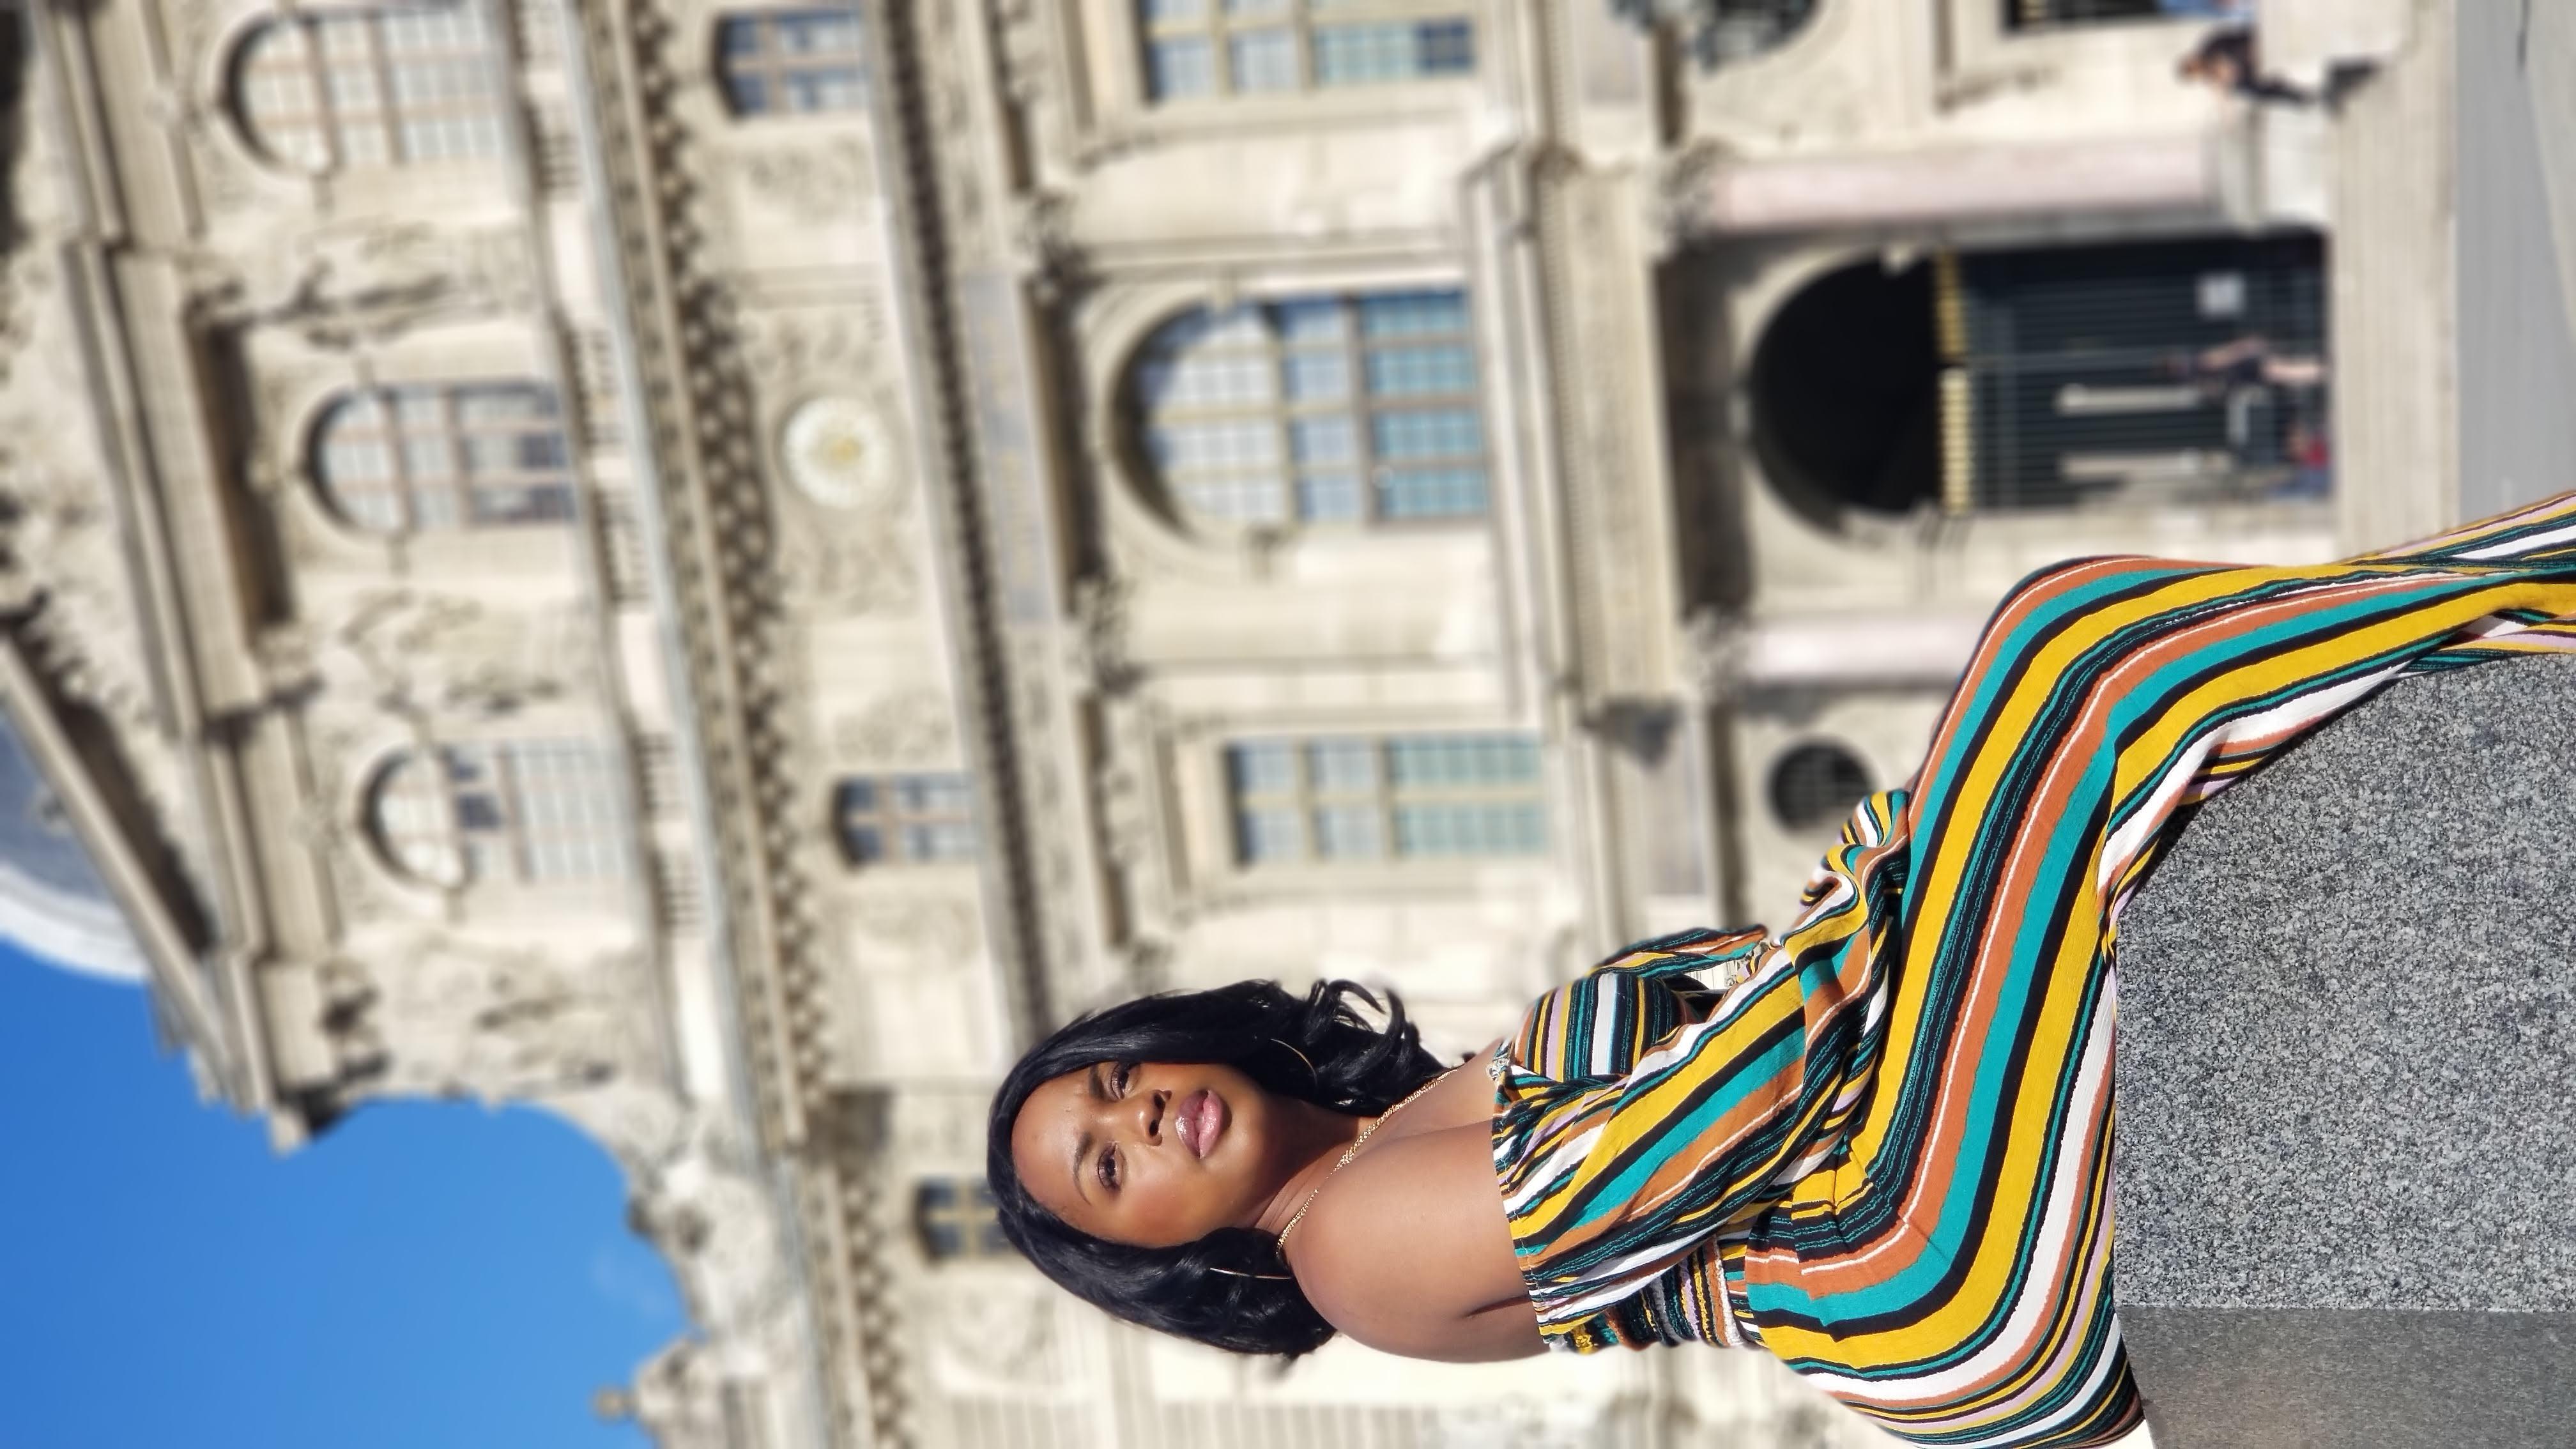 black woman in paris the Lourve